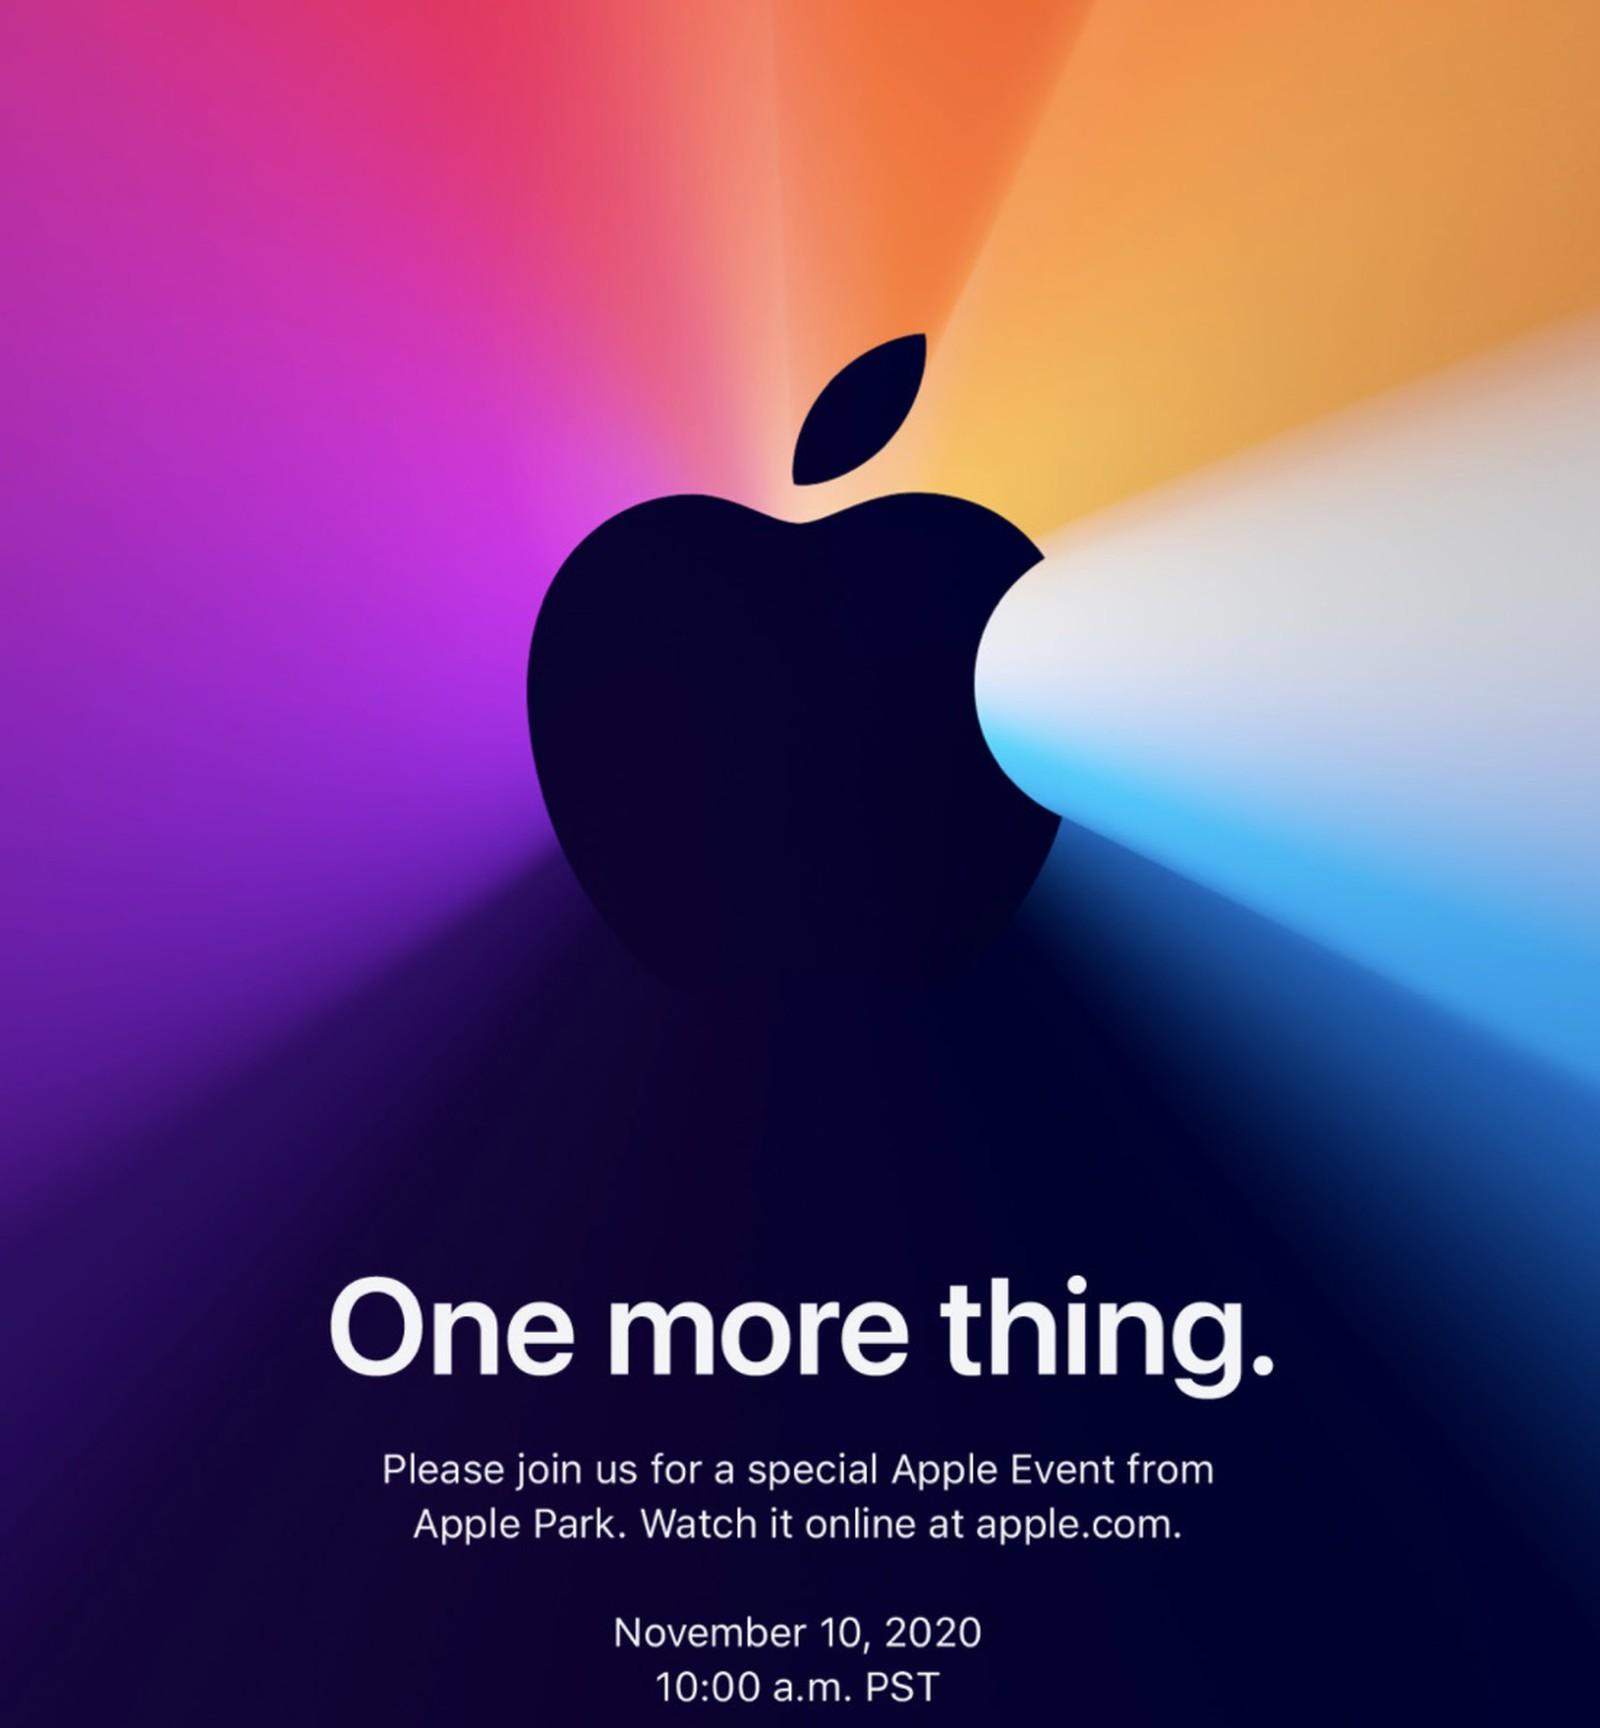 https://www.macfreak.nl/modules/news/images/zArt.AppleNovember2020Event.jpg